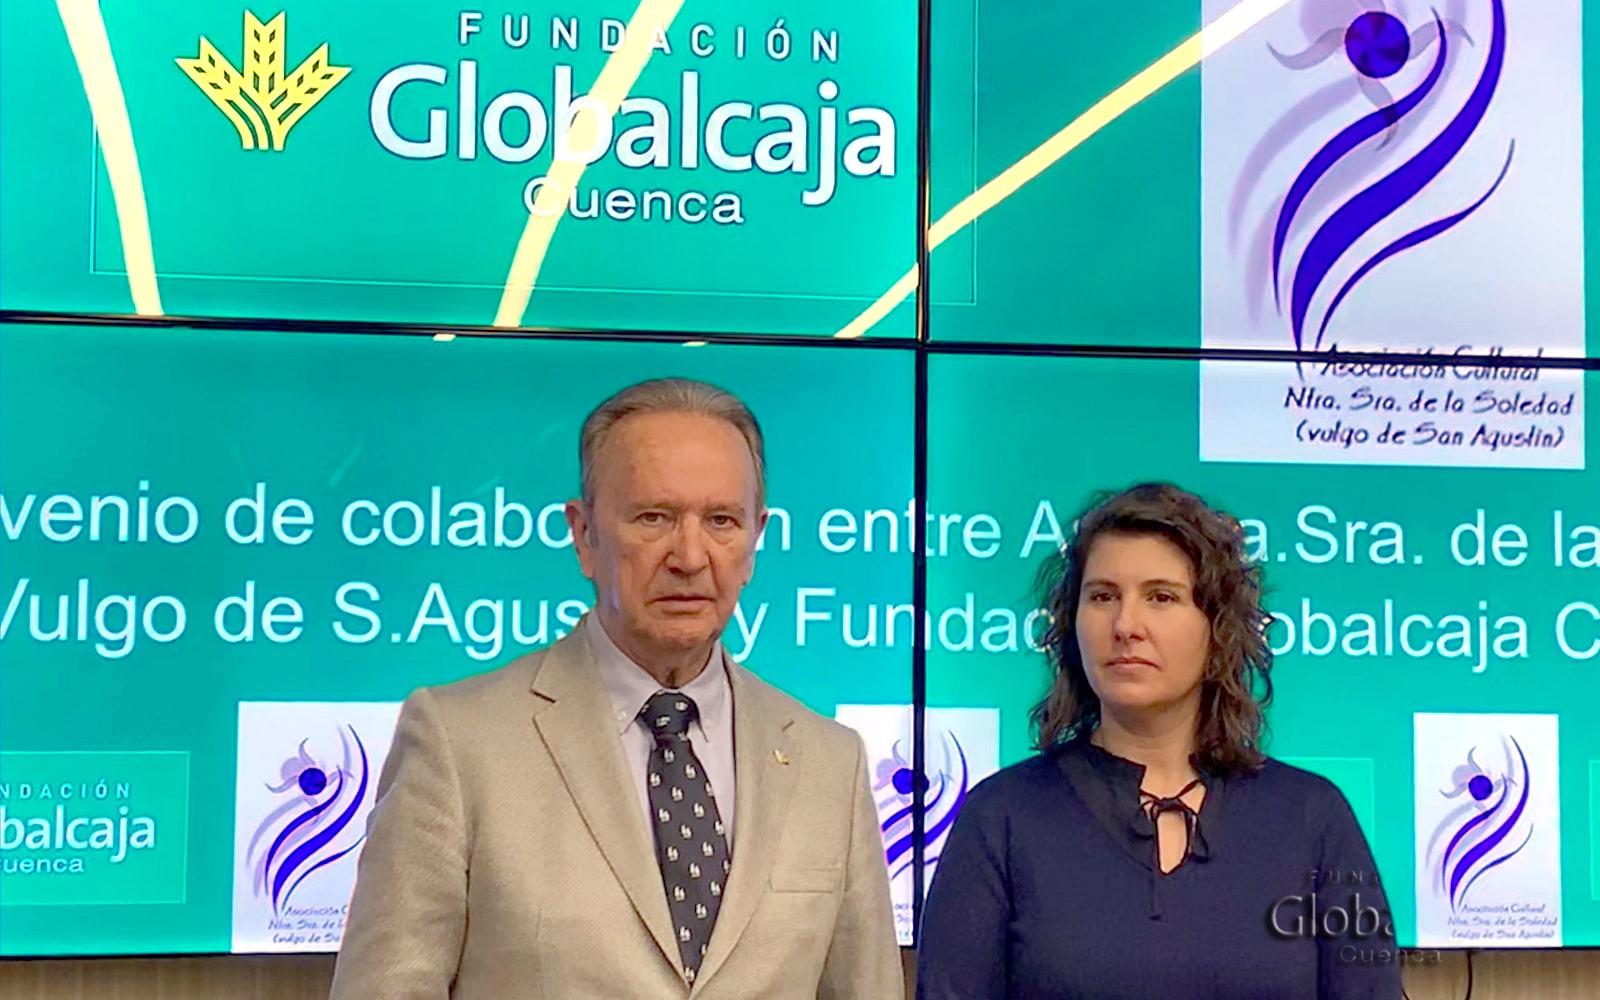 https://blog.globalcaja.es/wp-content/uploads/2019/03/concurso-fotografia-semana-santa-cuenca.jpg